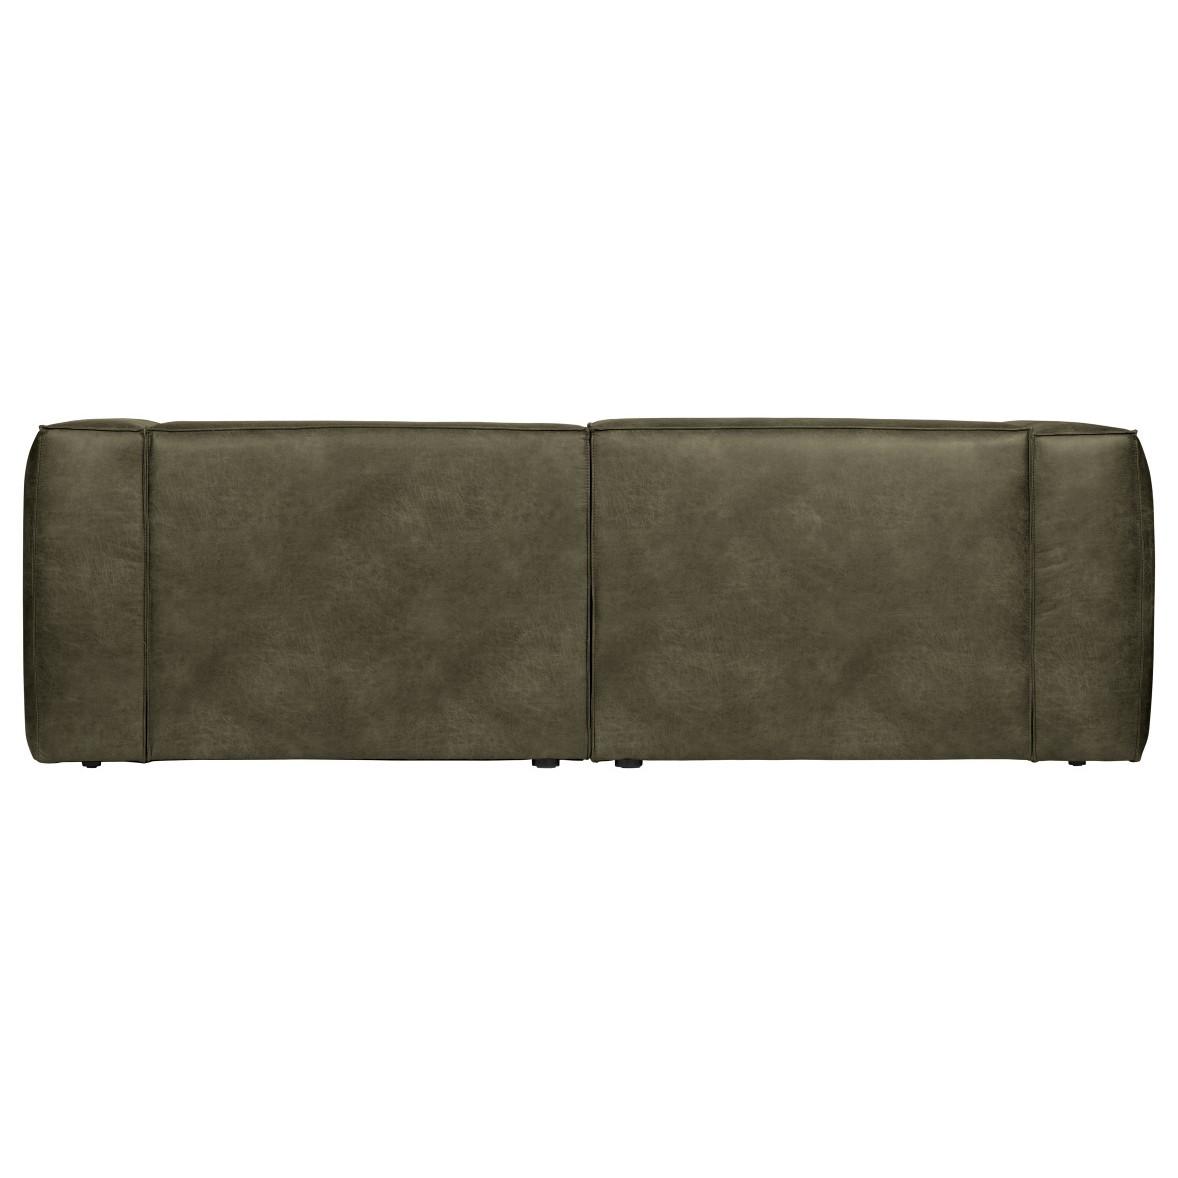 3.5 Seater Sofa Bean   Army